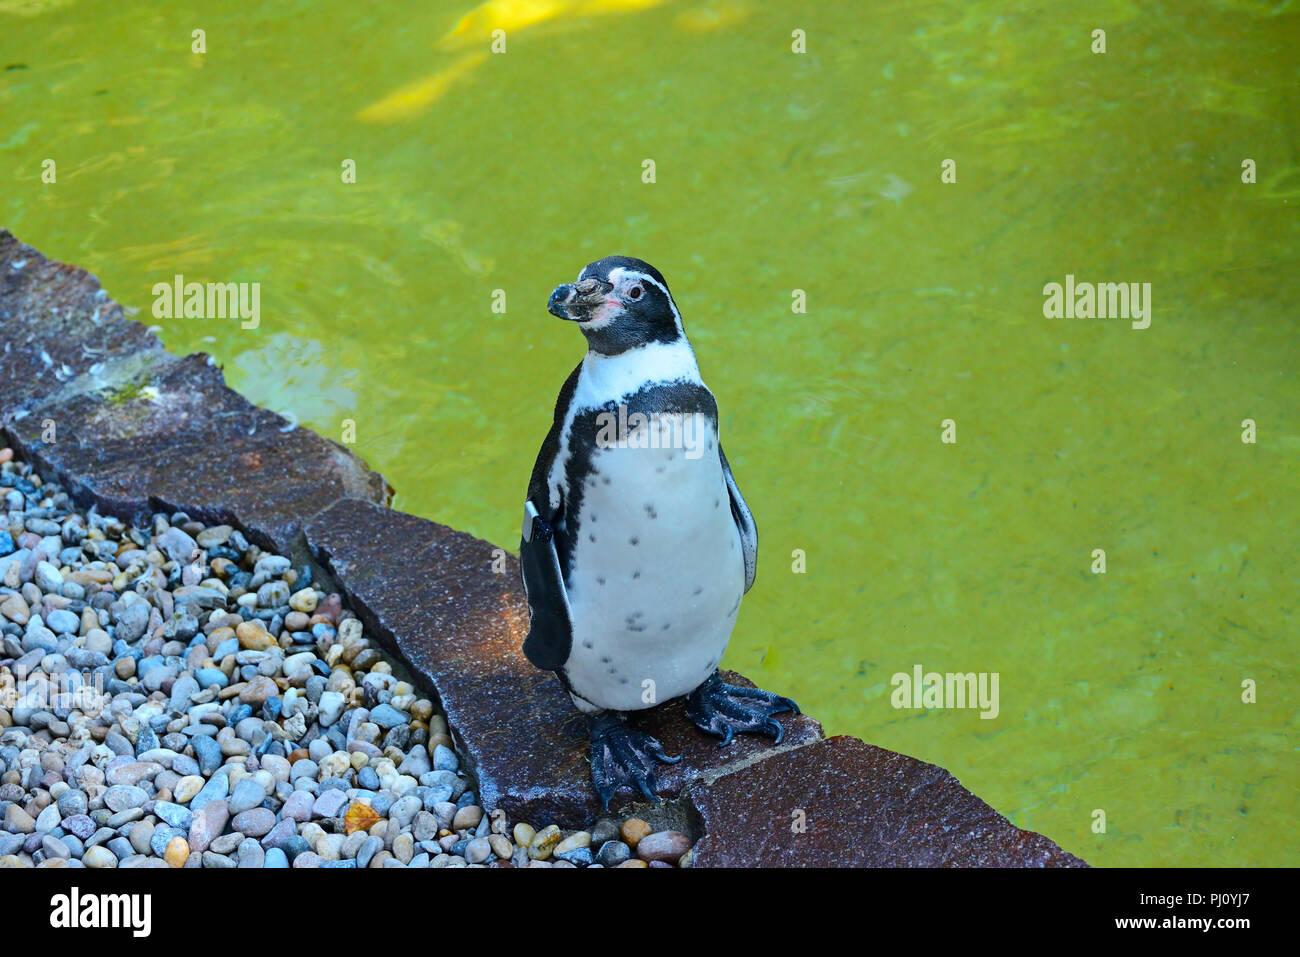 Rockhopper Penguin Swimming Stock Photos & Rockhopper Penguin ...